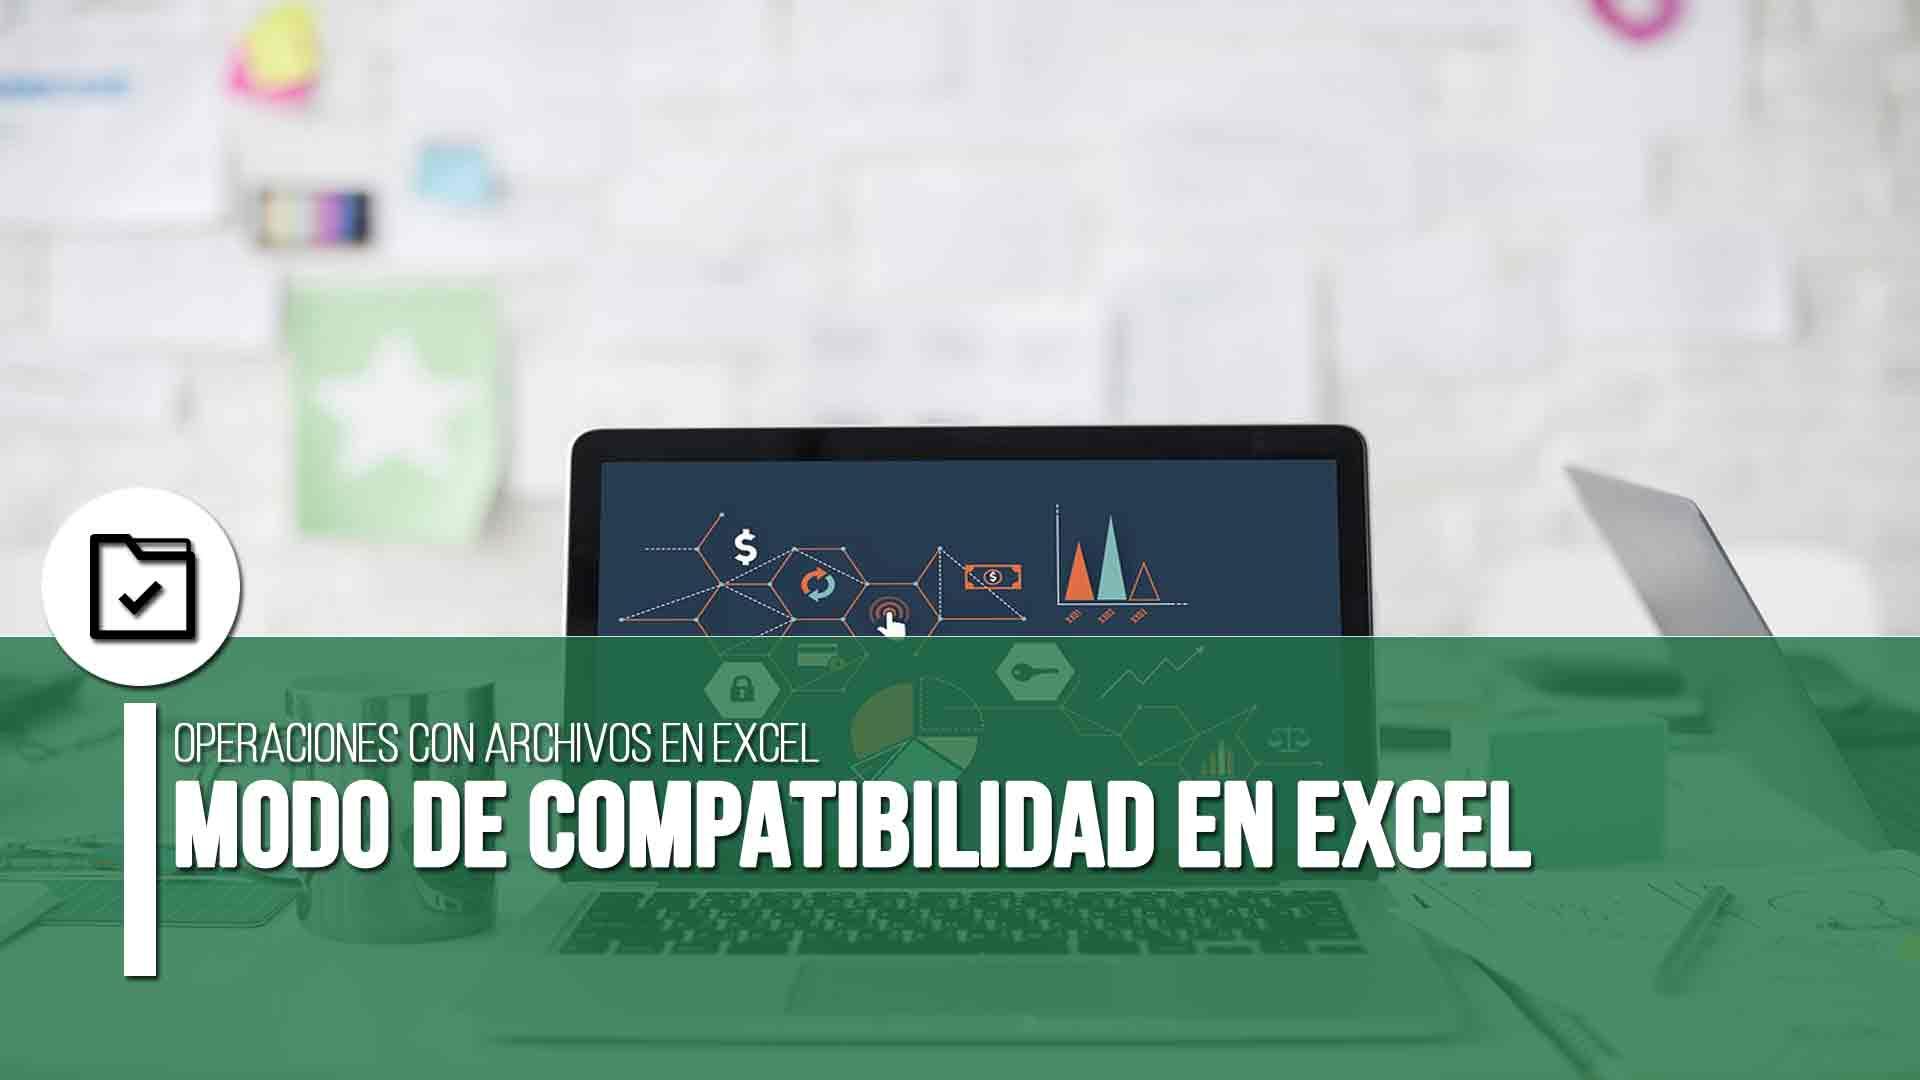 Modo de compatibilidad en Excel